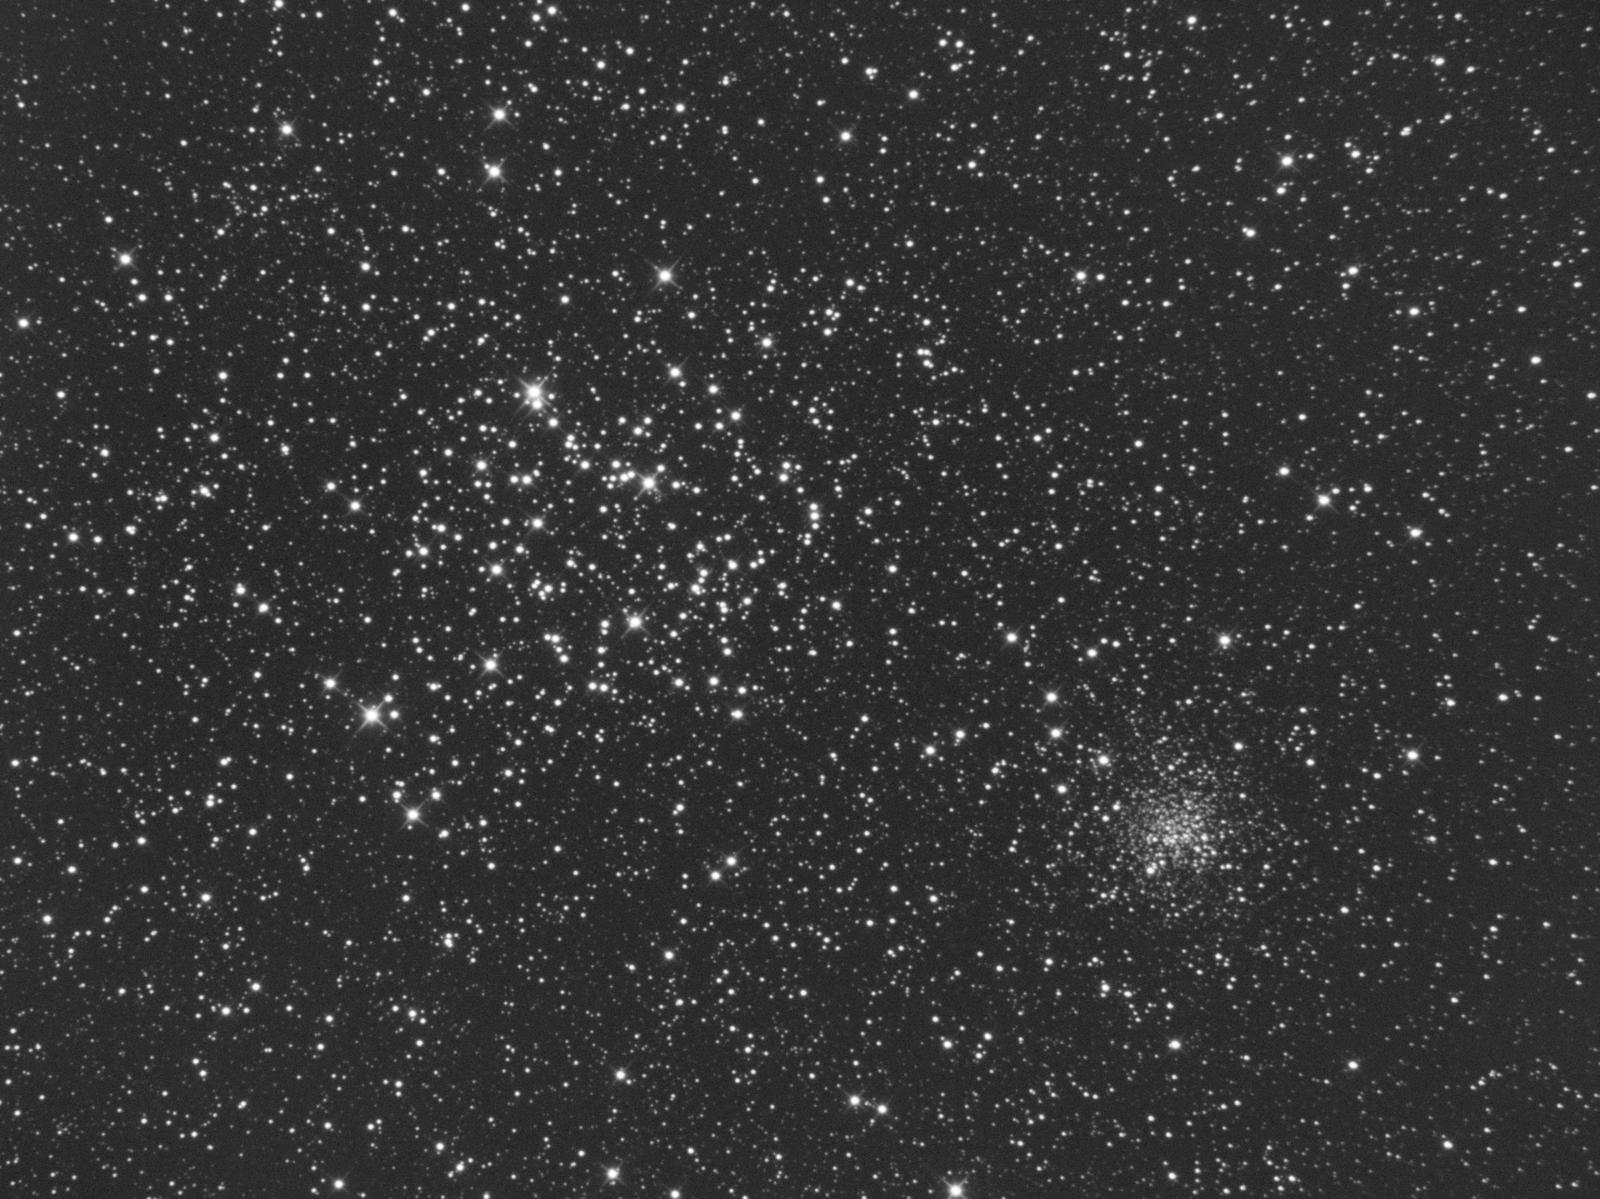 Messier_35.thumb.png.5aa76c10755202e4faf364b4408b6c37.png